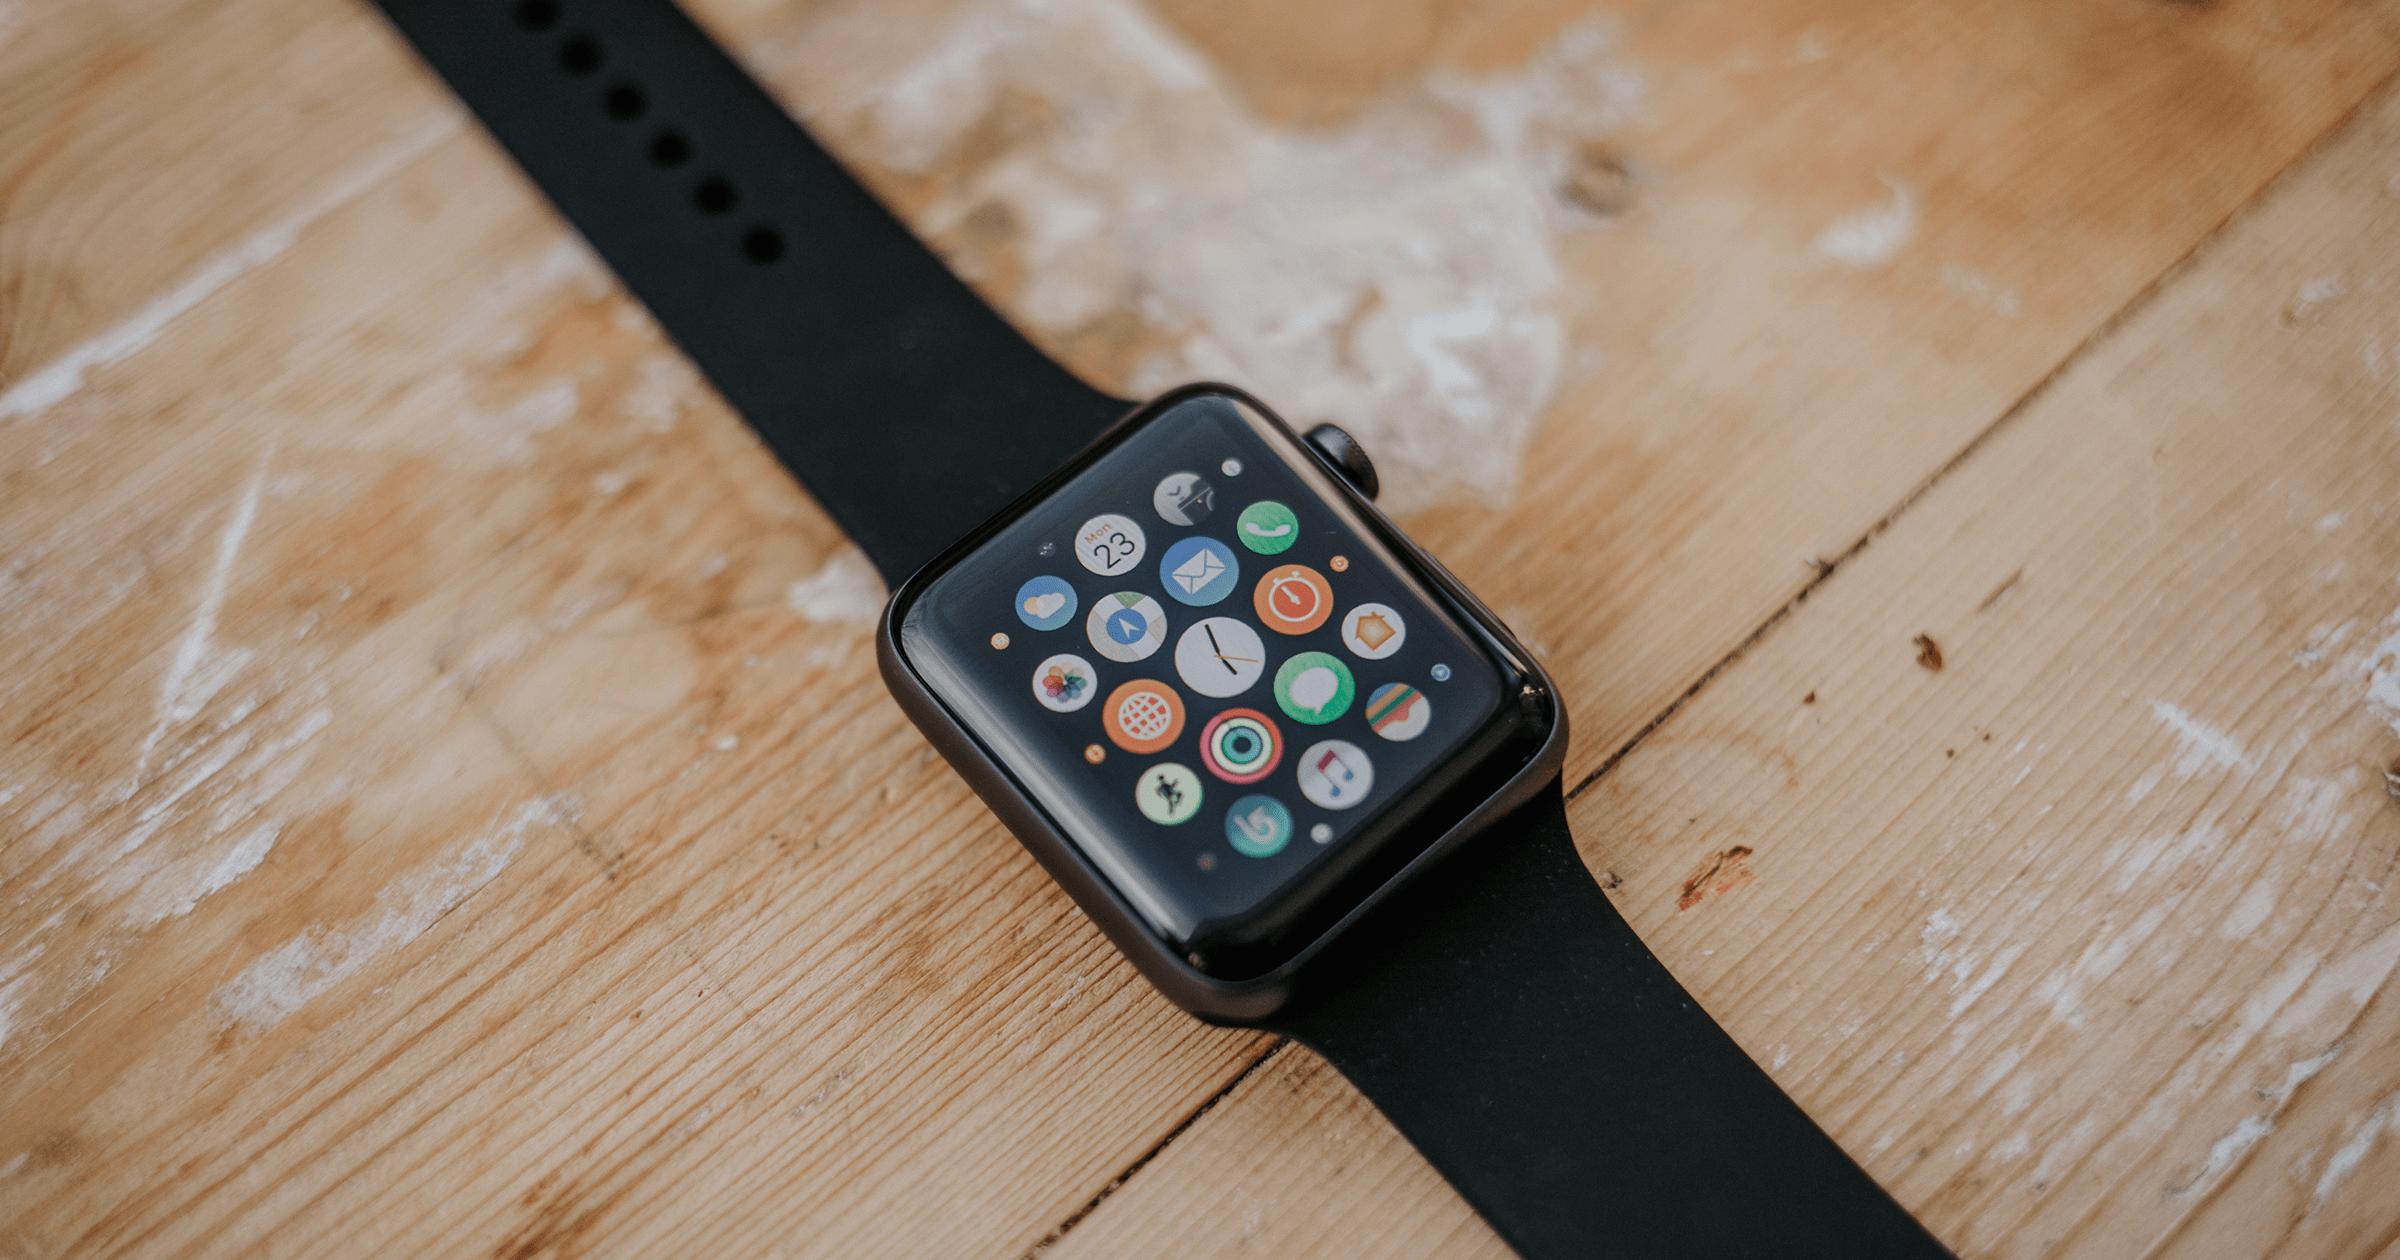 mobipunkt, apple watch, fotograaf, sander saard, spordikell, nutikell, pulsikell